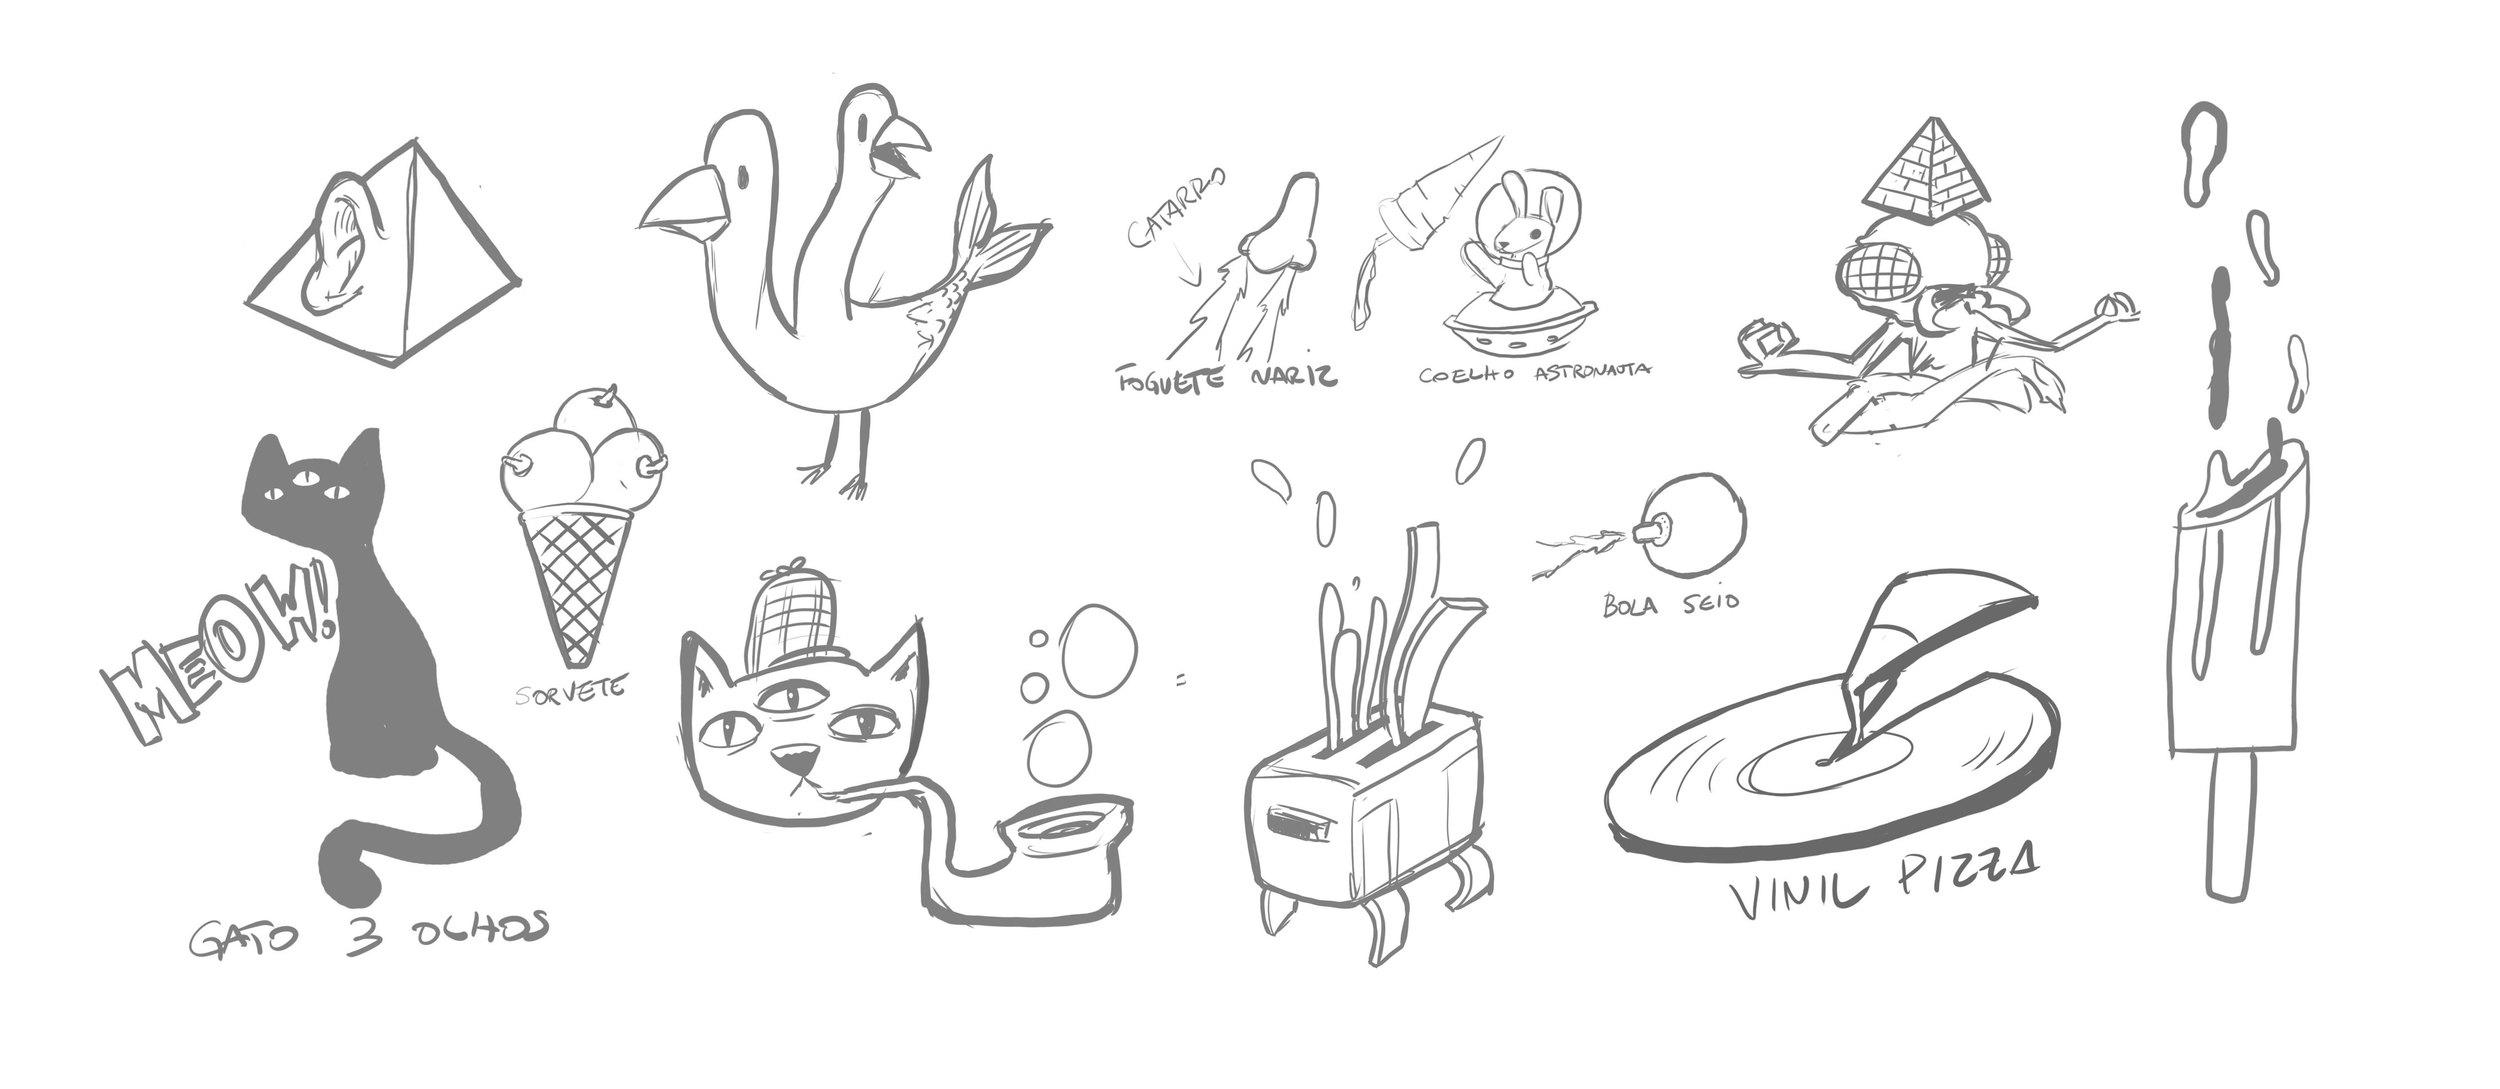 Initial brainstorms